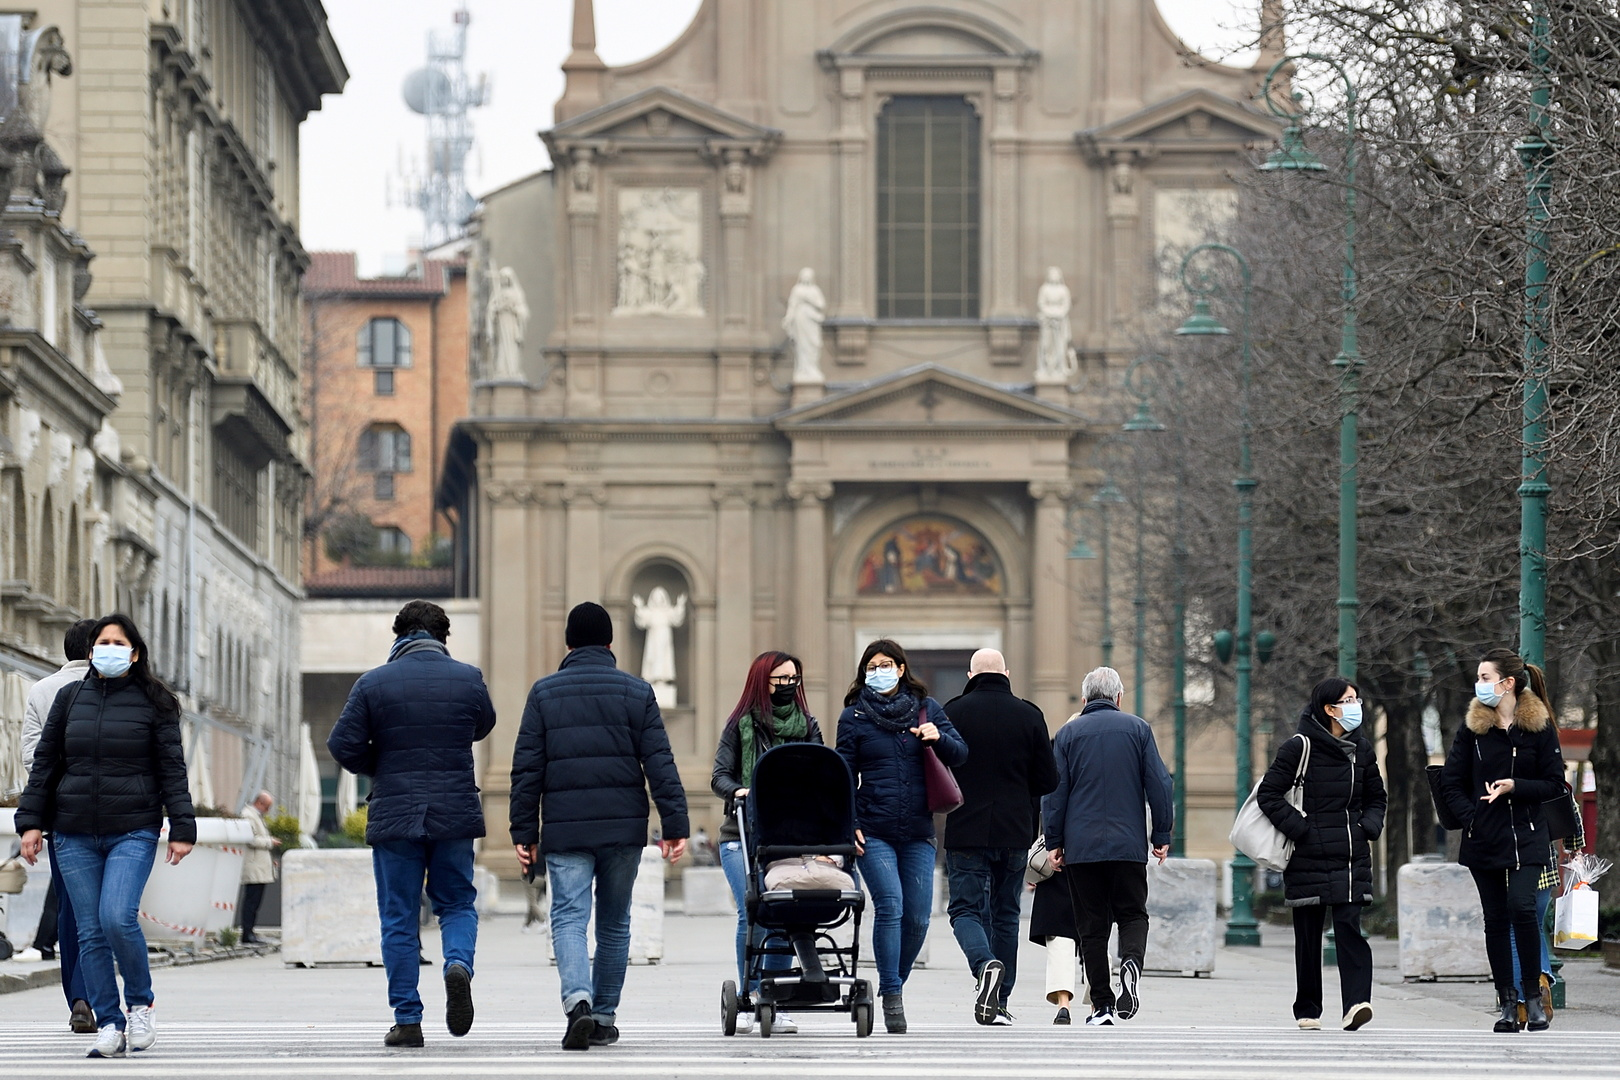 إيطاليا تسجل 24 وفاة و907 إصابات جديدة بكورونا